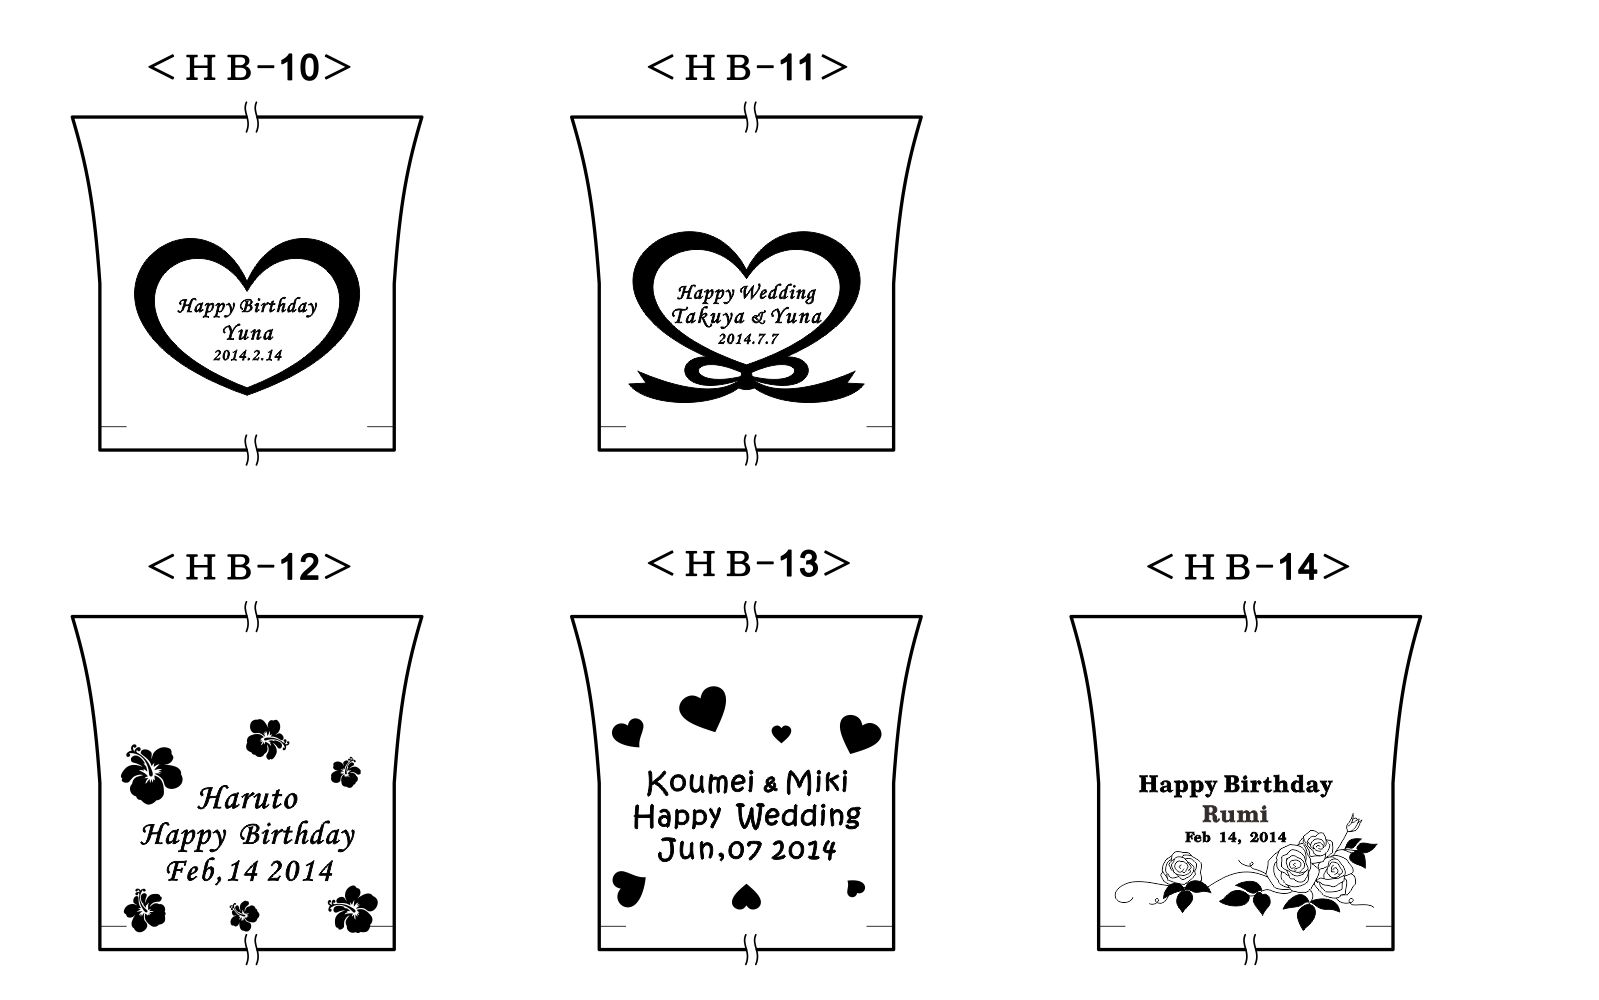 少走了,喝啤酒並選擇設計 / 可愛 / 櫻桃開花模式 / 貓咪 / 粘貼 / 名稱放的放消息,過去的訂單 3000 日元 pokkiri 檢查兩個眼鏡。 / 禮品 / 航運 / 免費